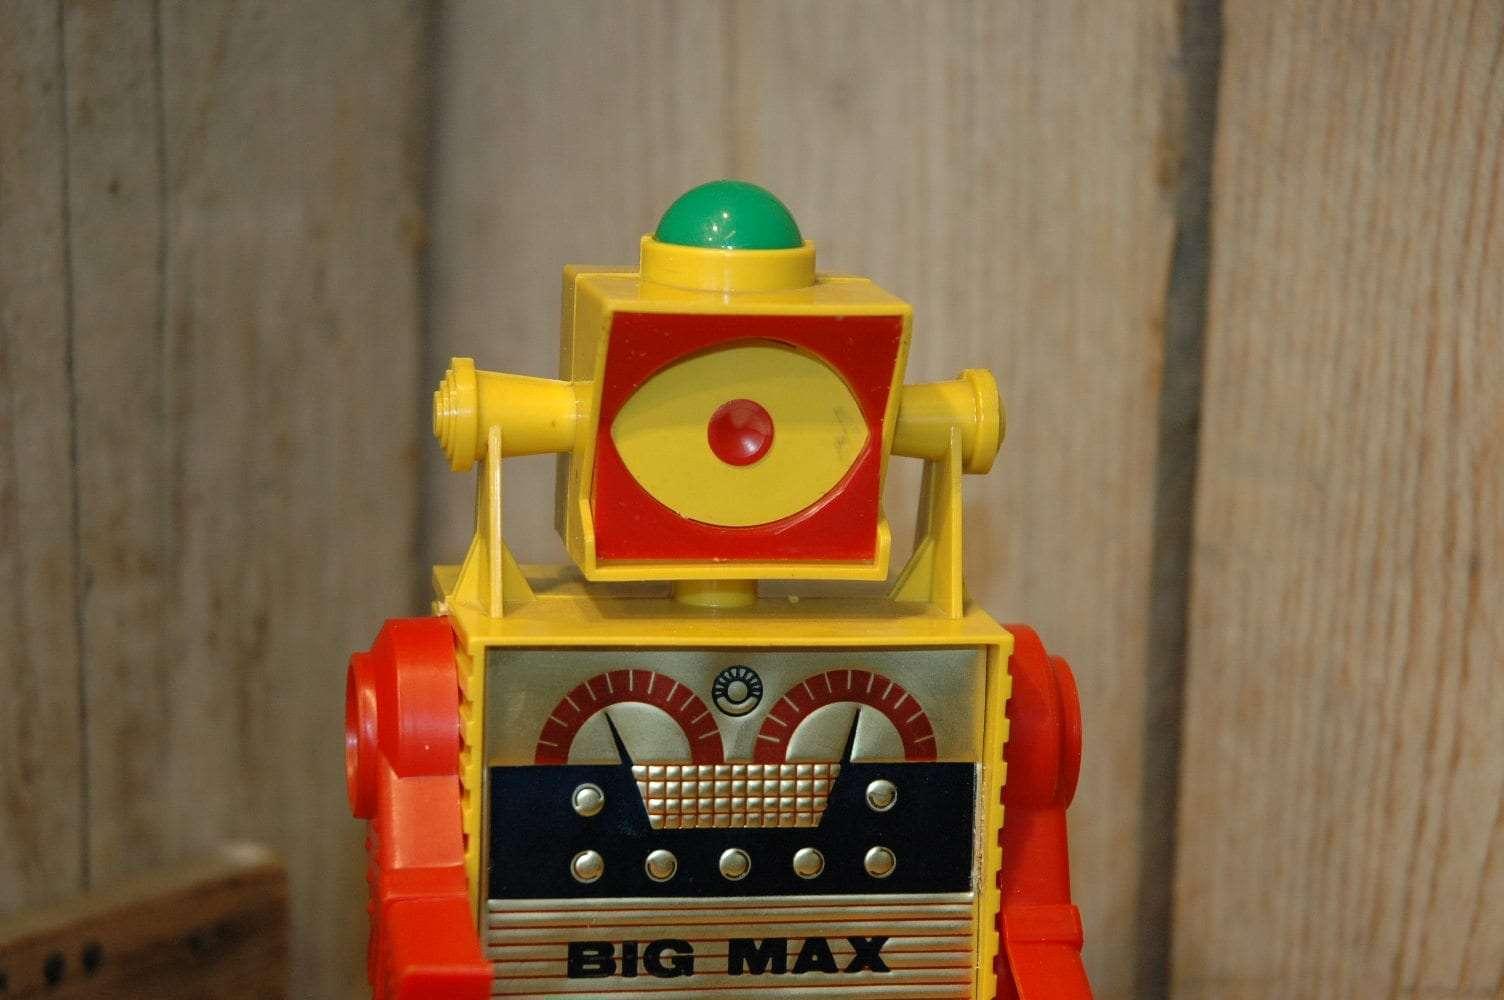 VST - Big Max 2.0